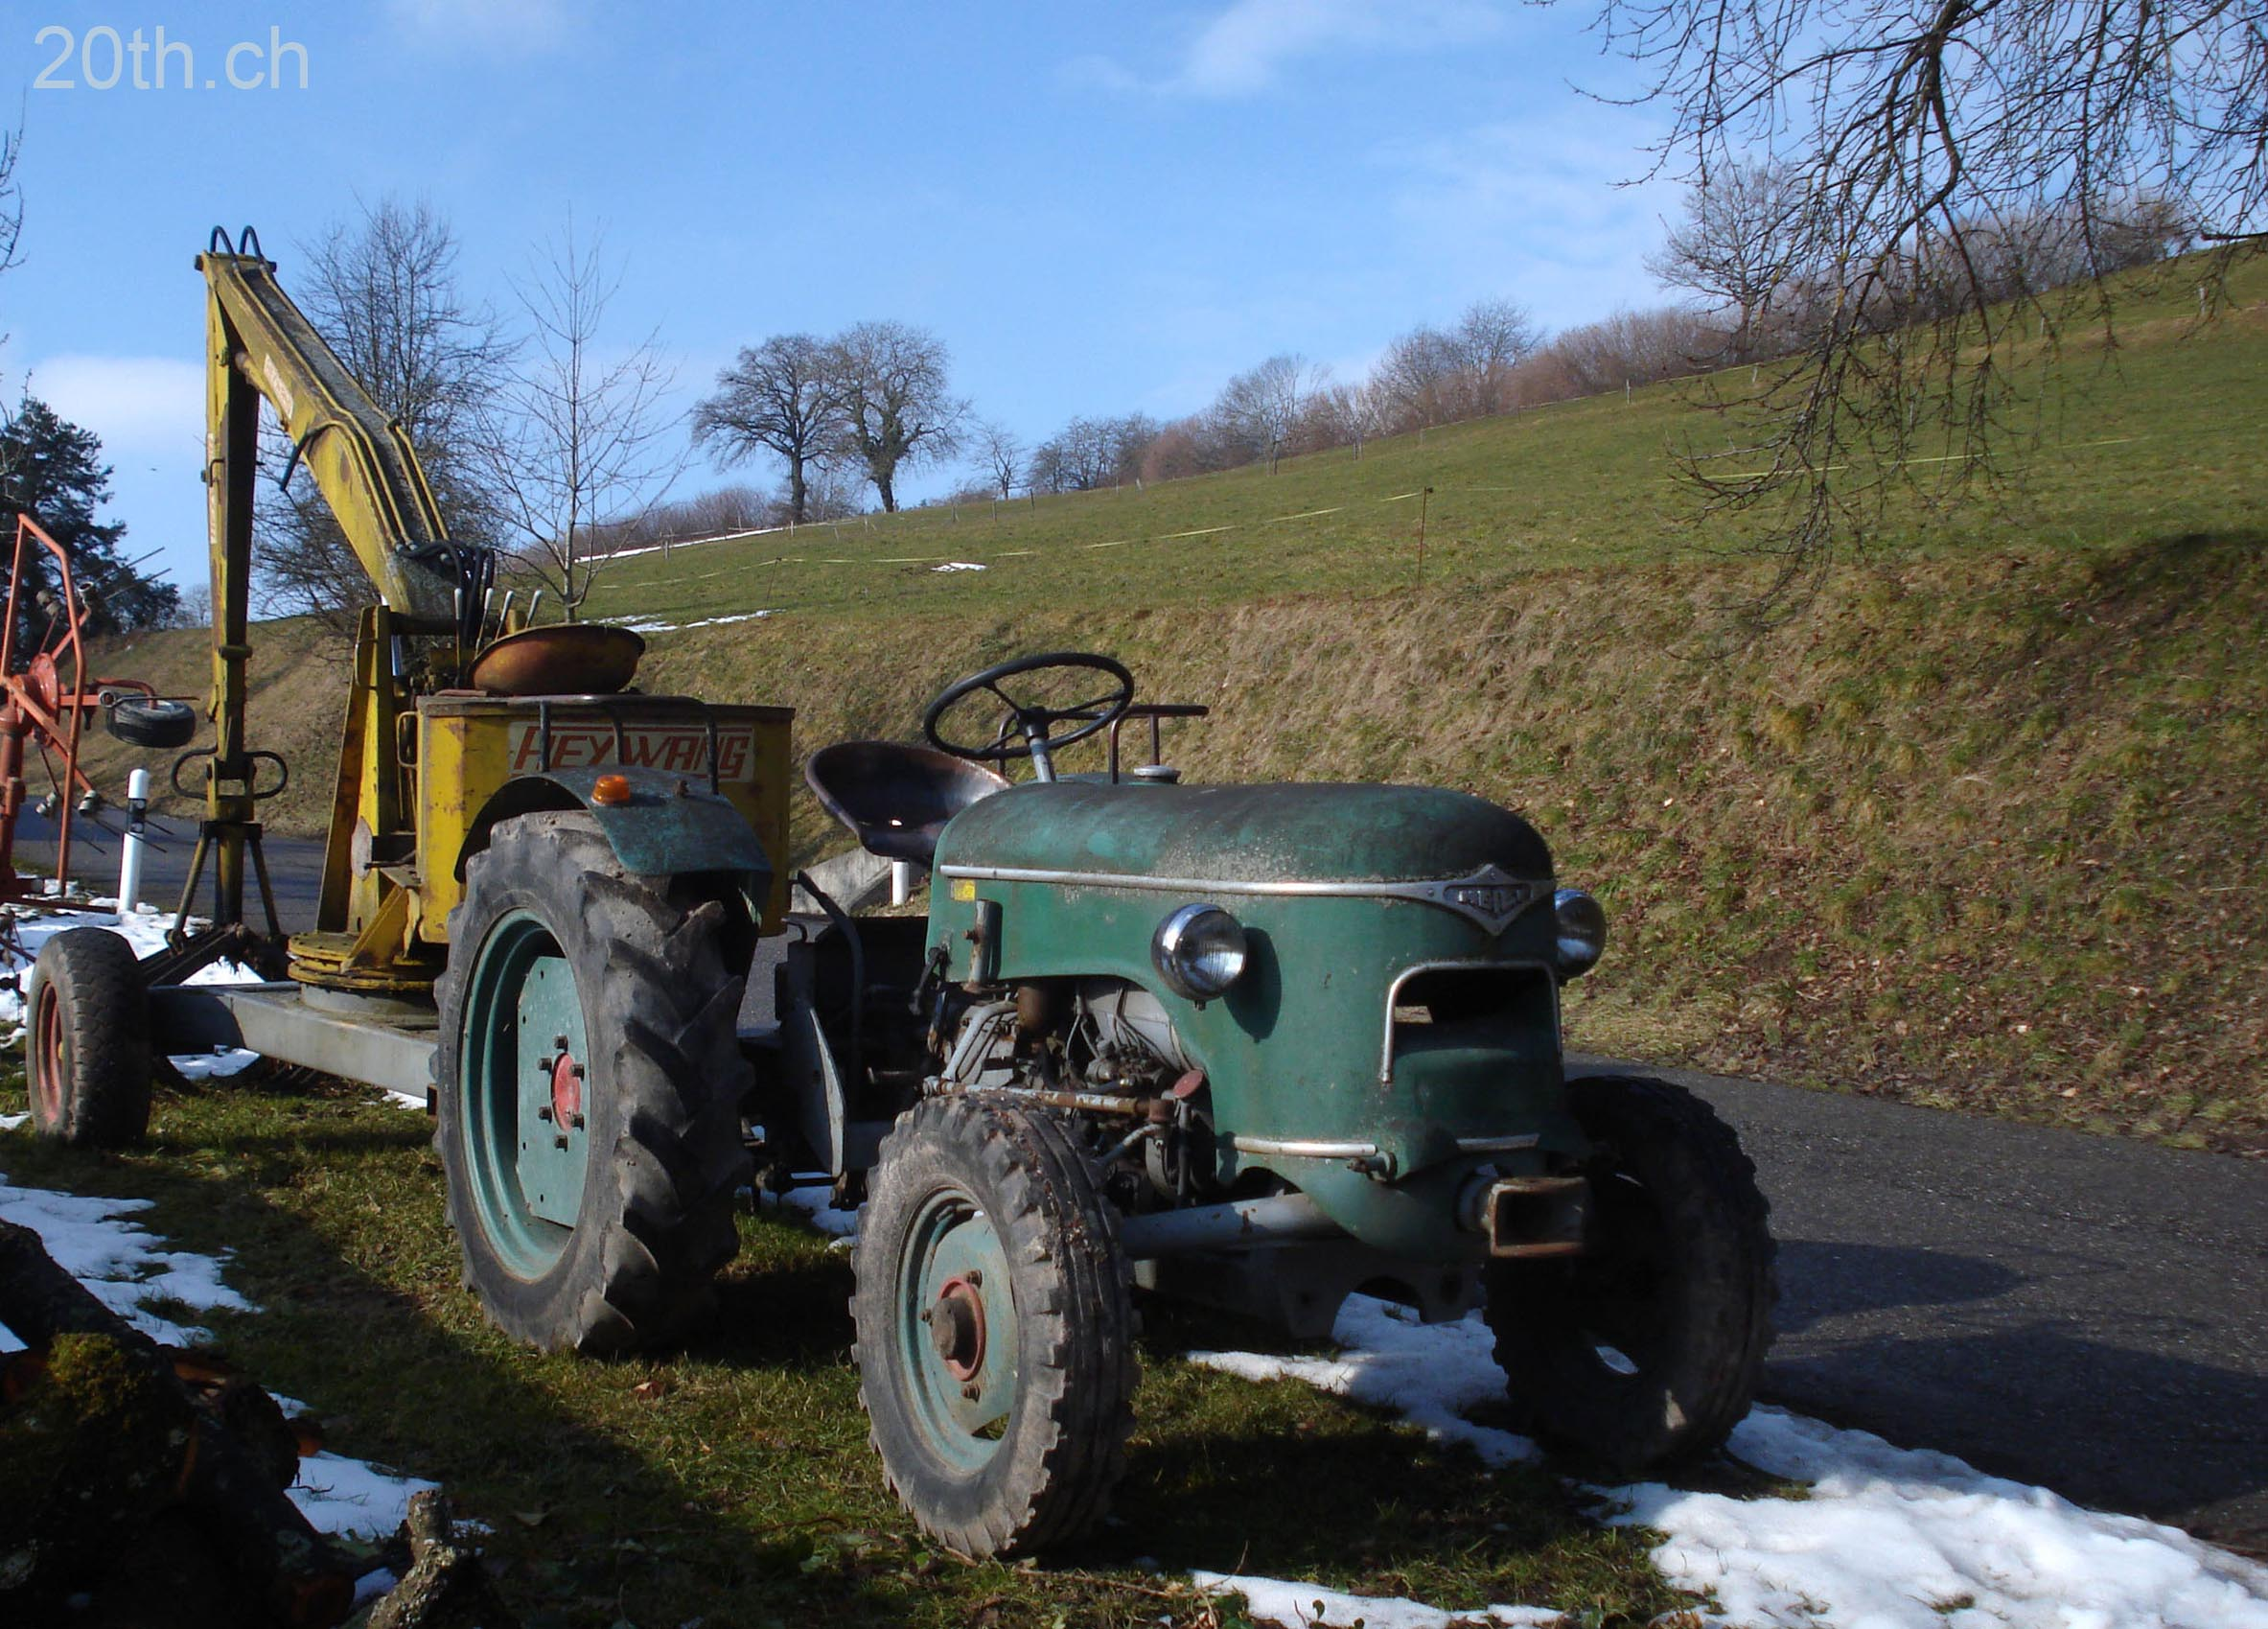 Des Vieux Tracteurs Dans Leur Biotope Naturel